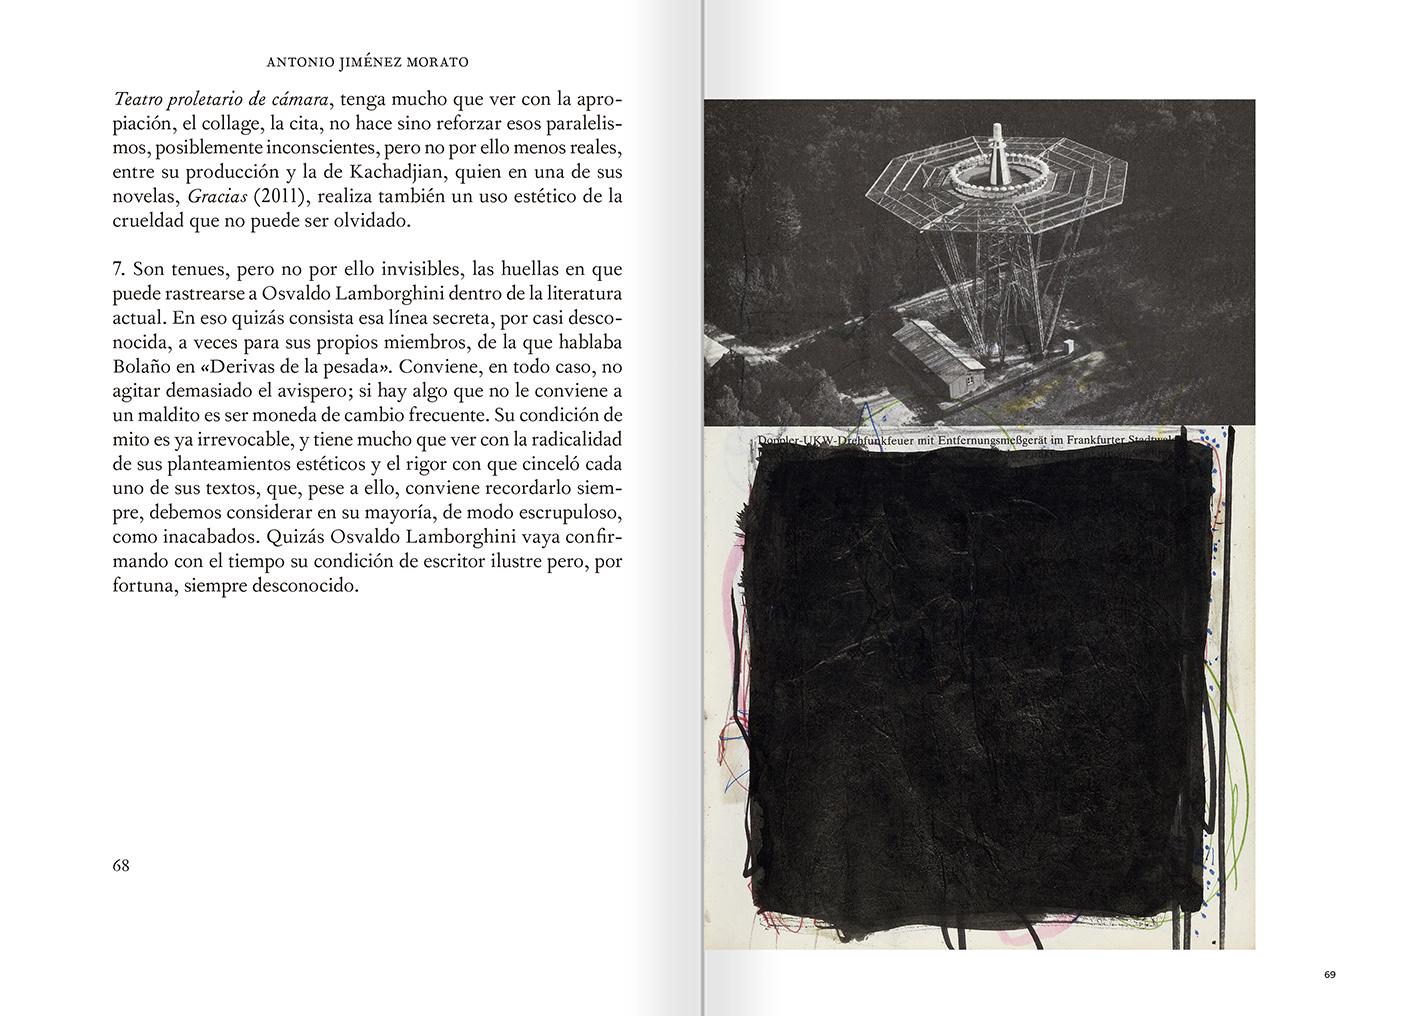 """Selecció del catàleg """"El sexo que habla. Osvaldo Lamborghini"""" pàgines 68 i 69"""